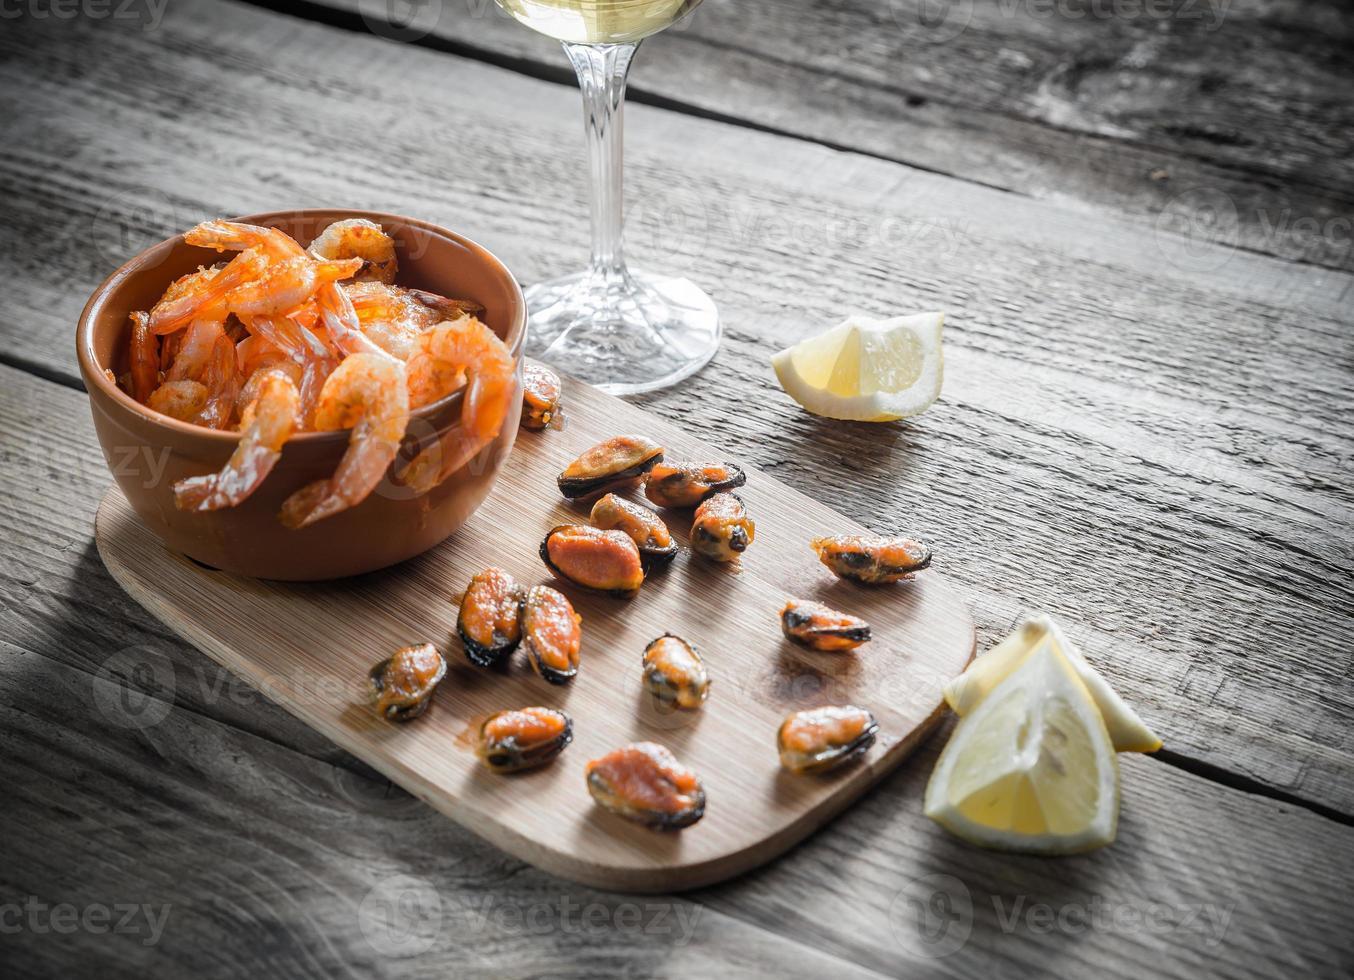 gebakken garnalen en mosselen met een glas witte wijn foto